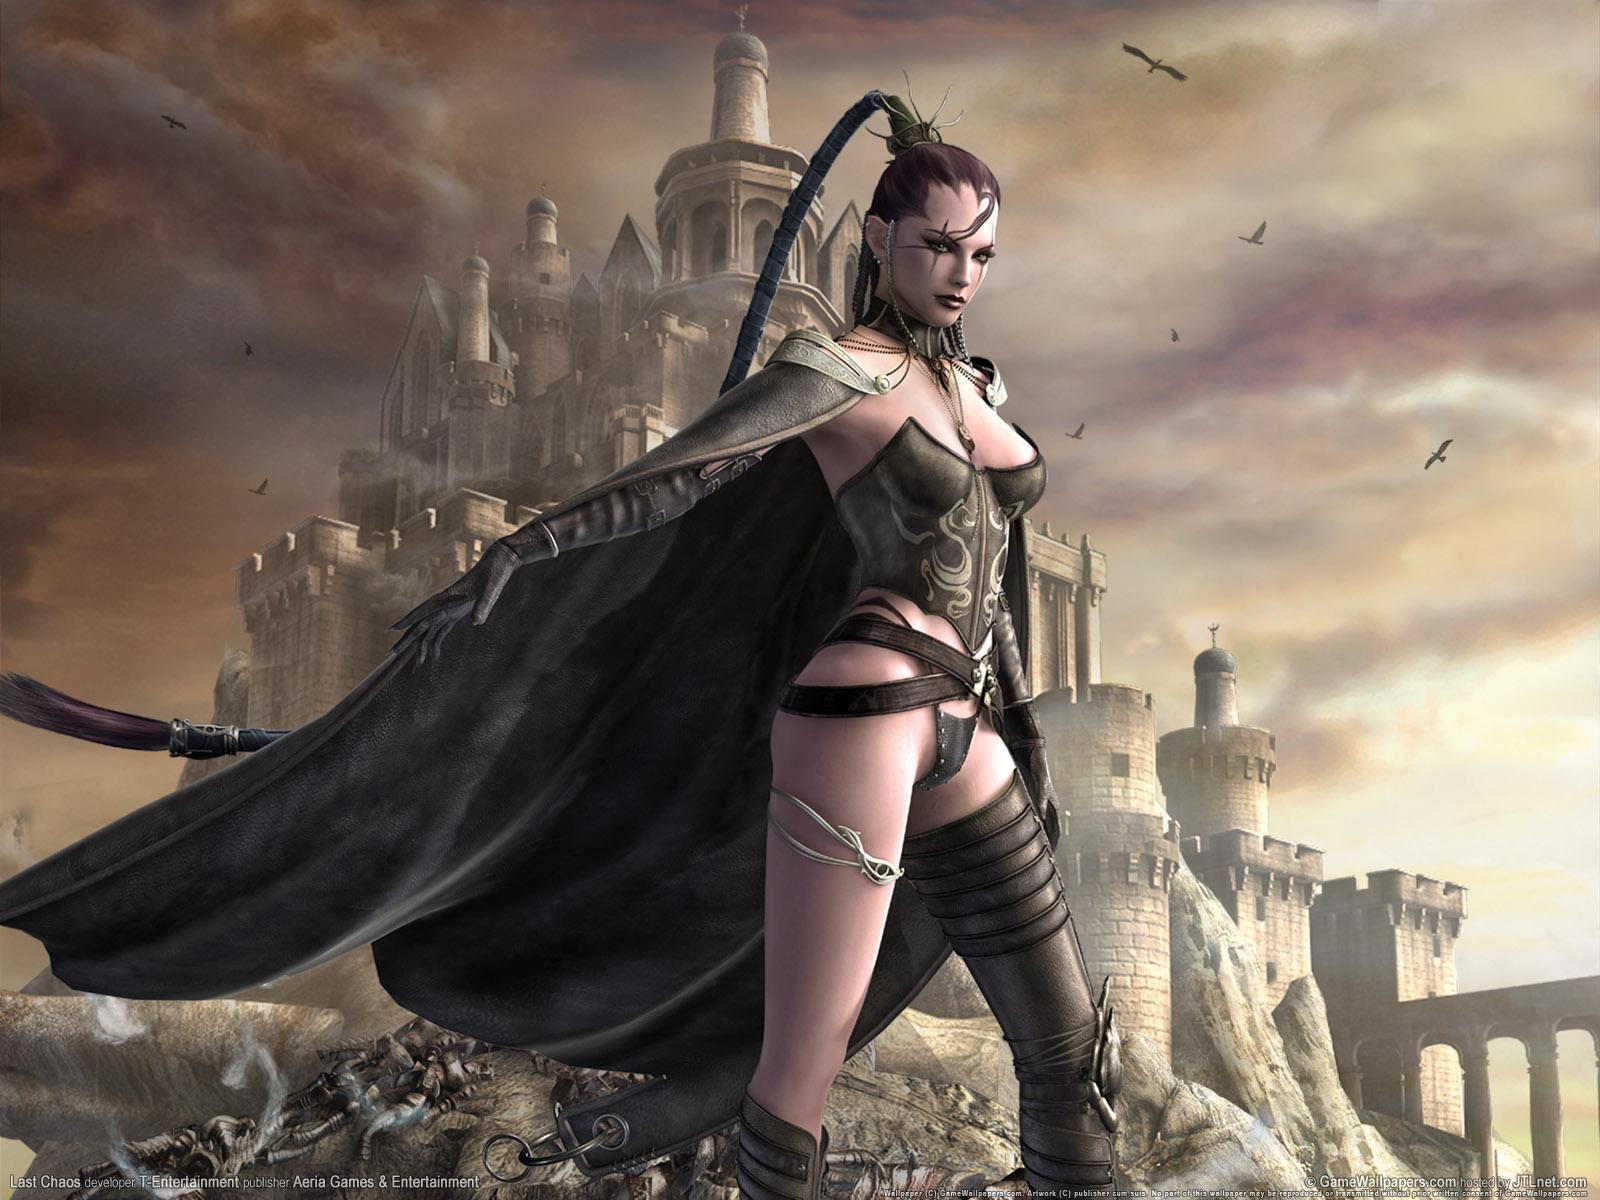 http://1.bp.blogspot.com/_ioD6UOQqcyA/SwsyDNvvmbI/AAAAAAAAA-M/vYXtZtHQ3wE/s1600/CGgirls22.jpg